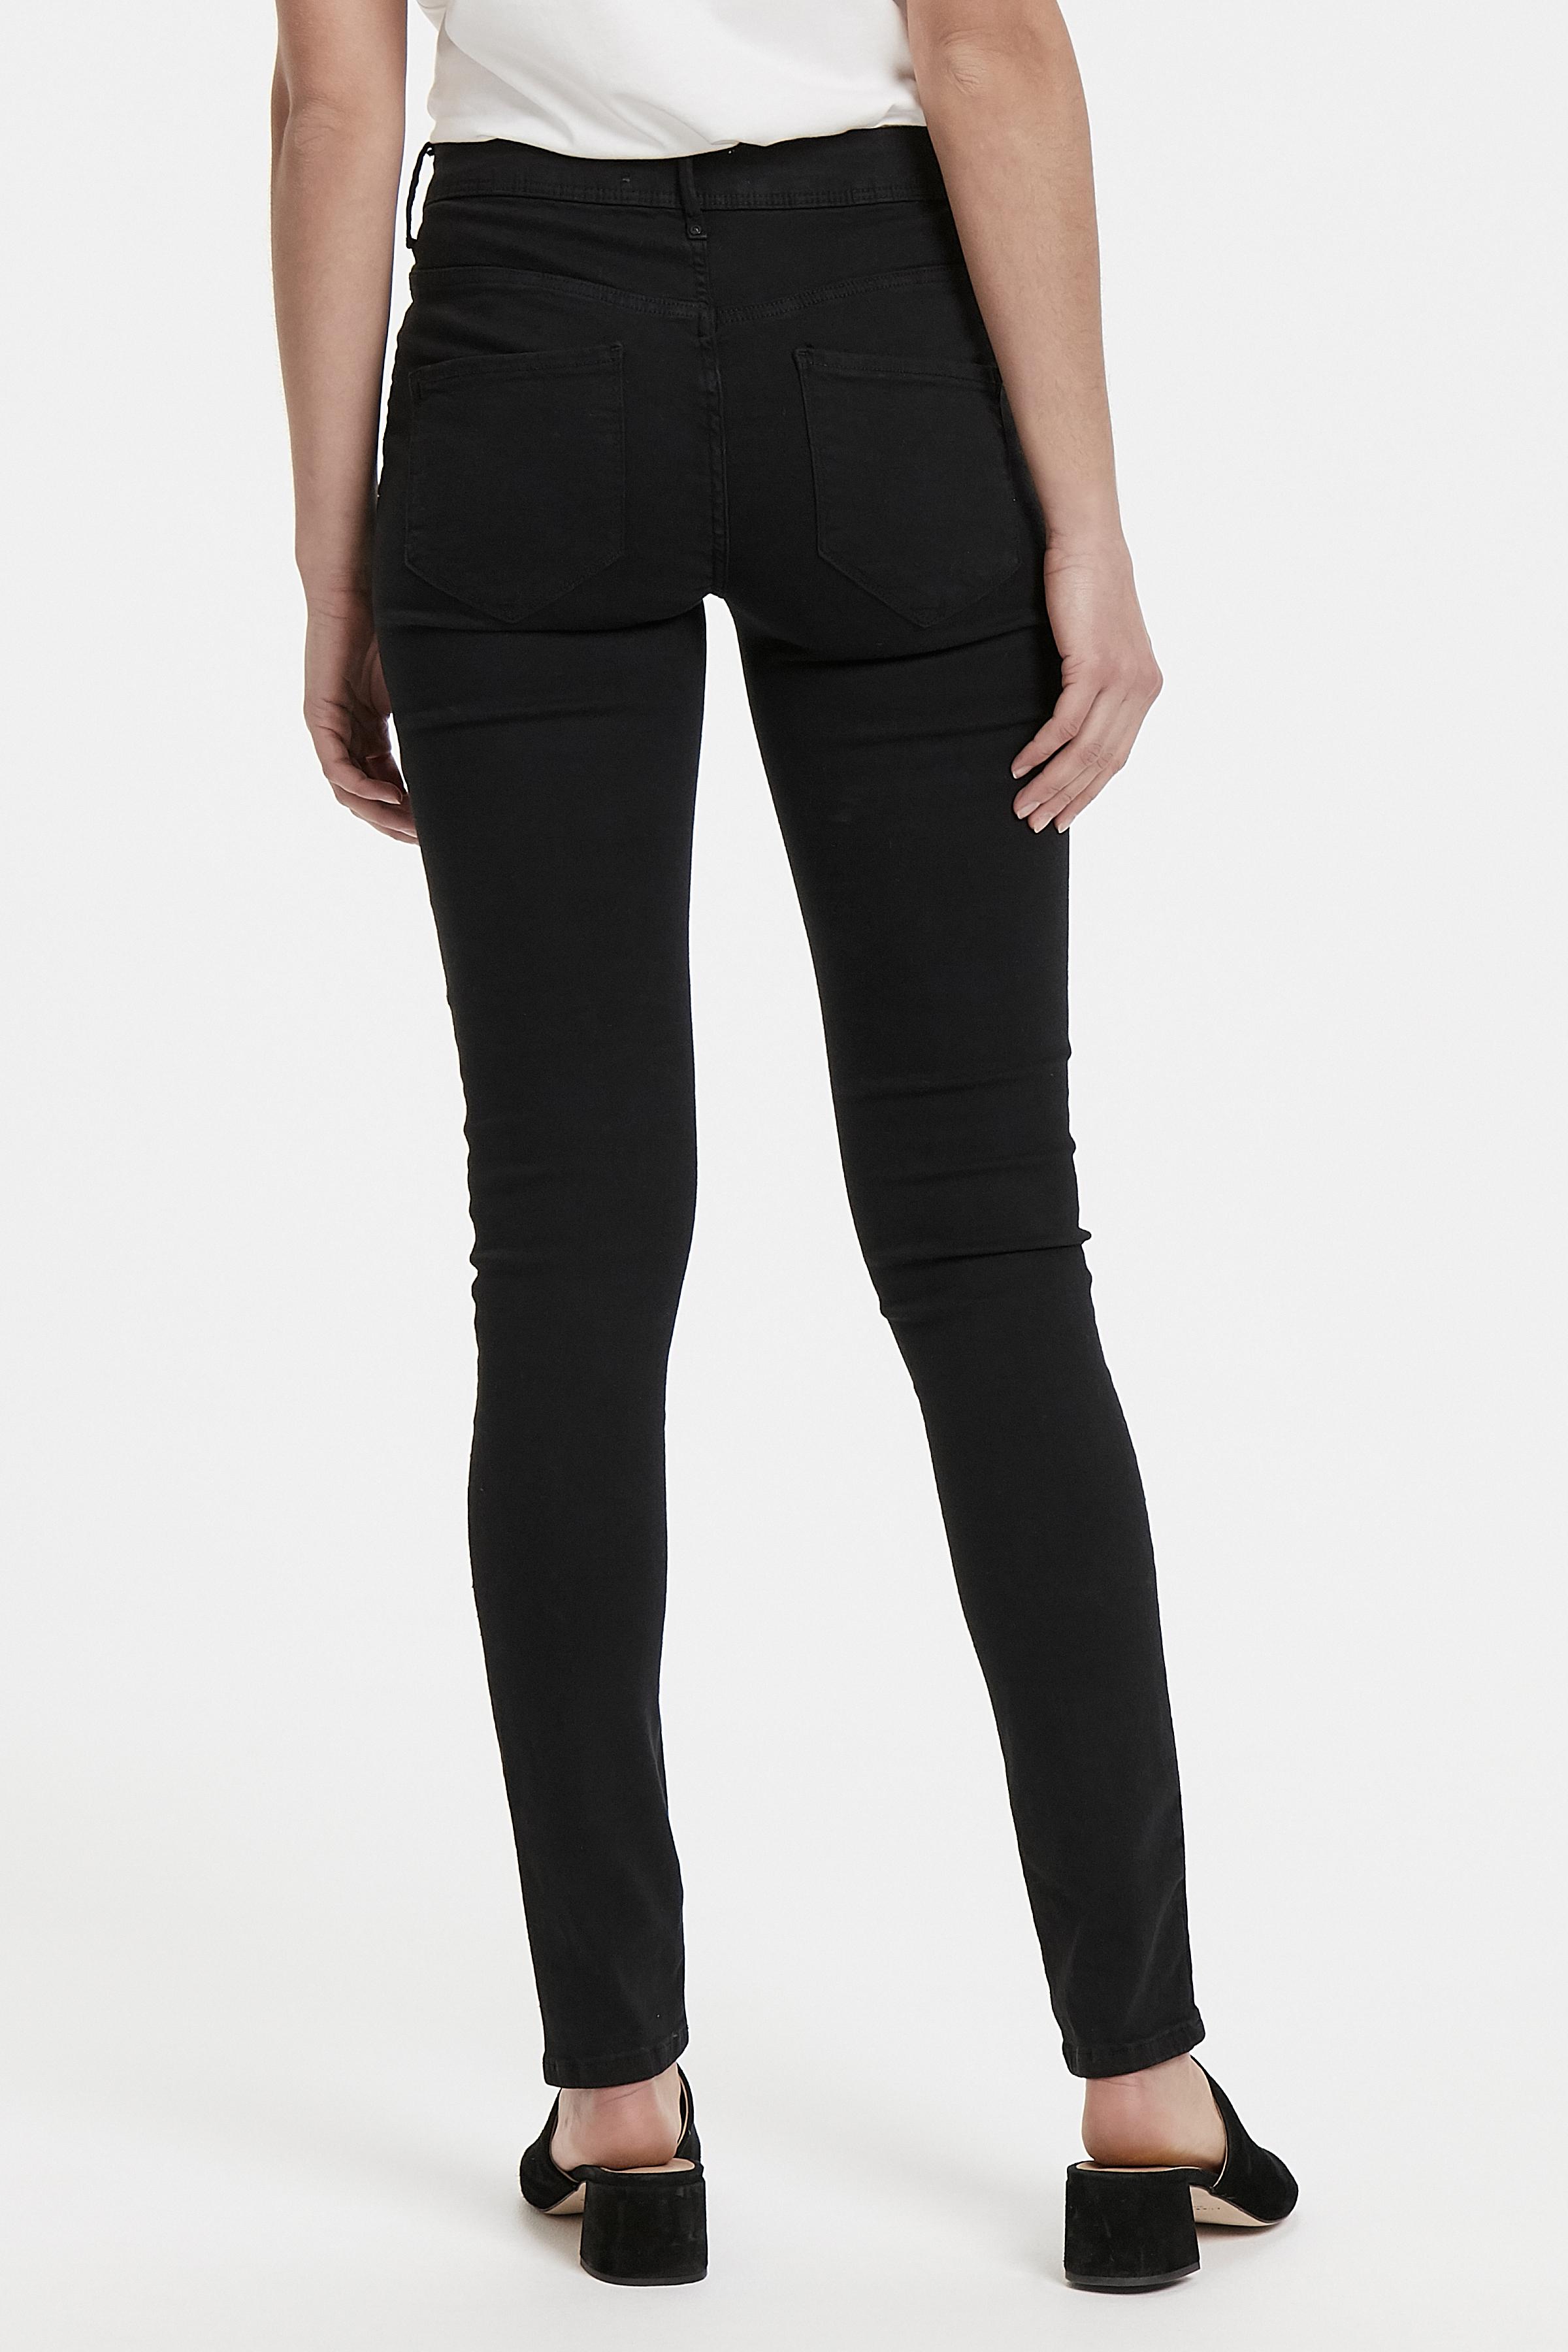 Black Jeans – Køb Black Jeans fra str. 25-34 her